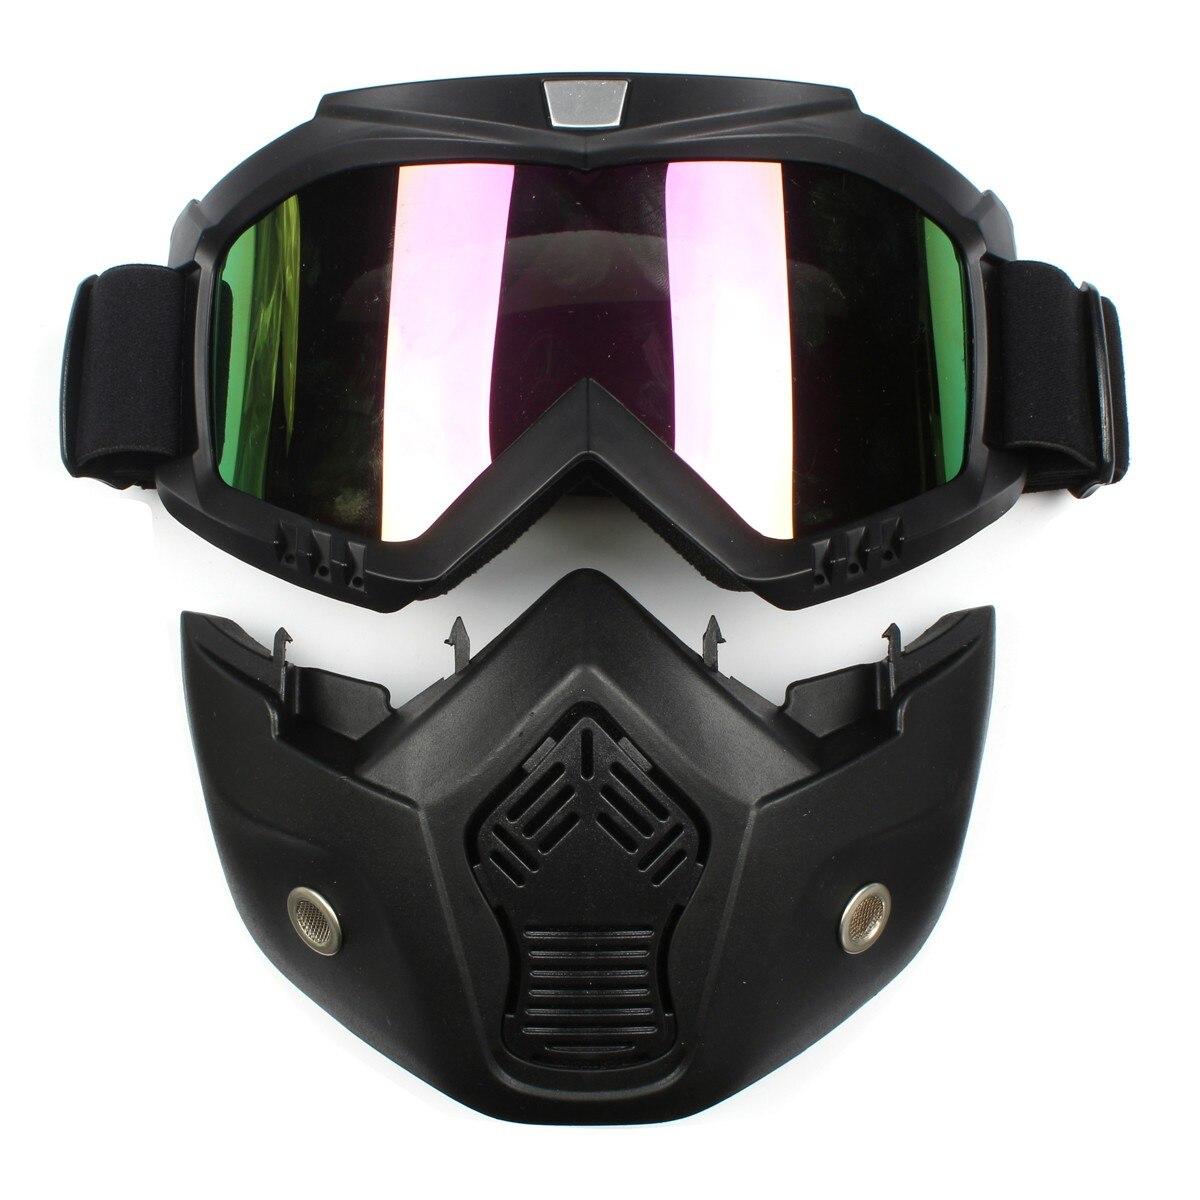 Prix pour Ski Skate Moto Goggle Motocross Lunettes Casque Lunettes Coupe-Vent off Road Moto Casques Cross Masque Lunettes